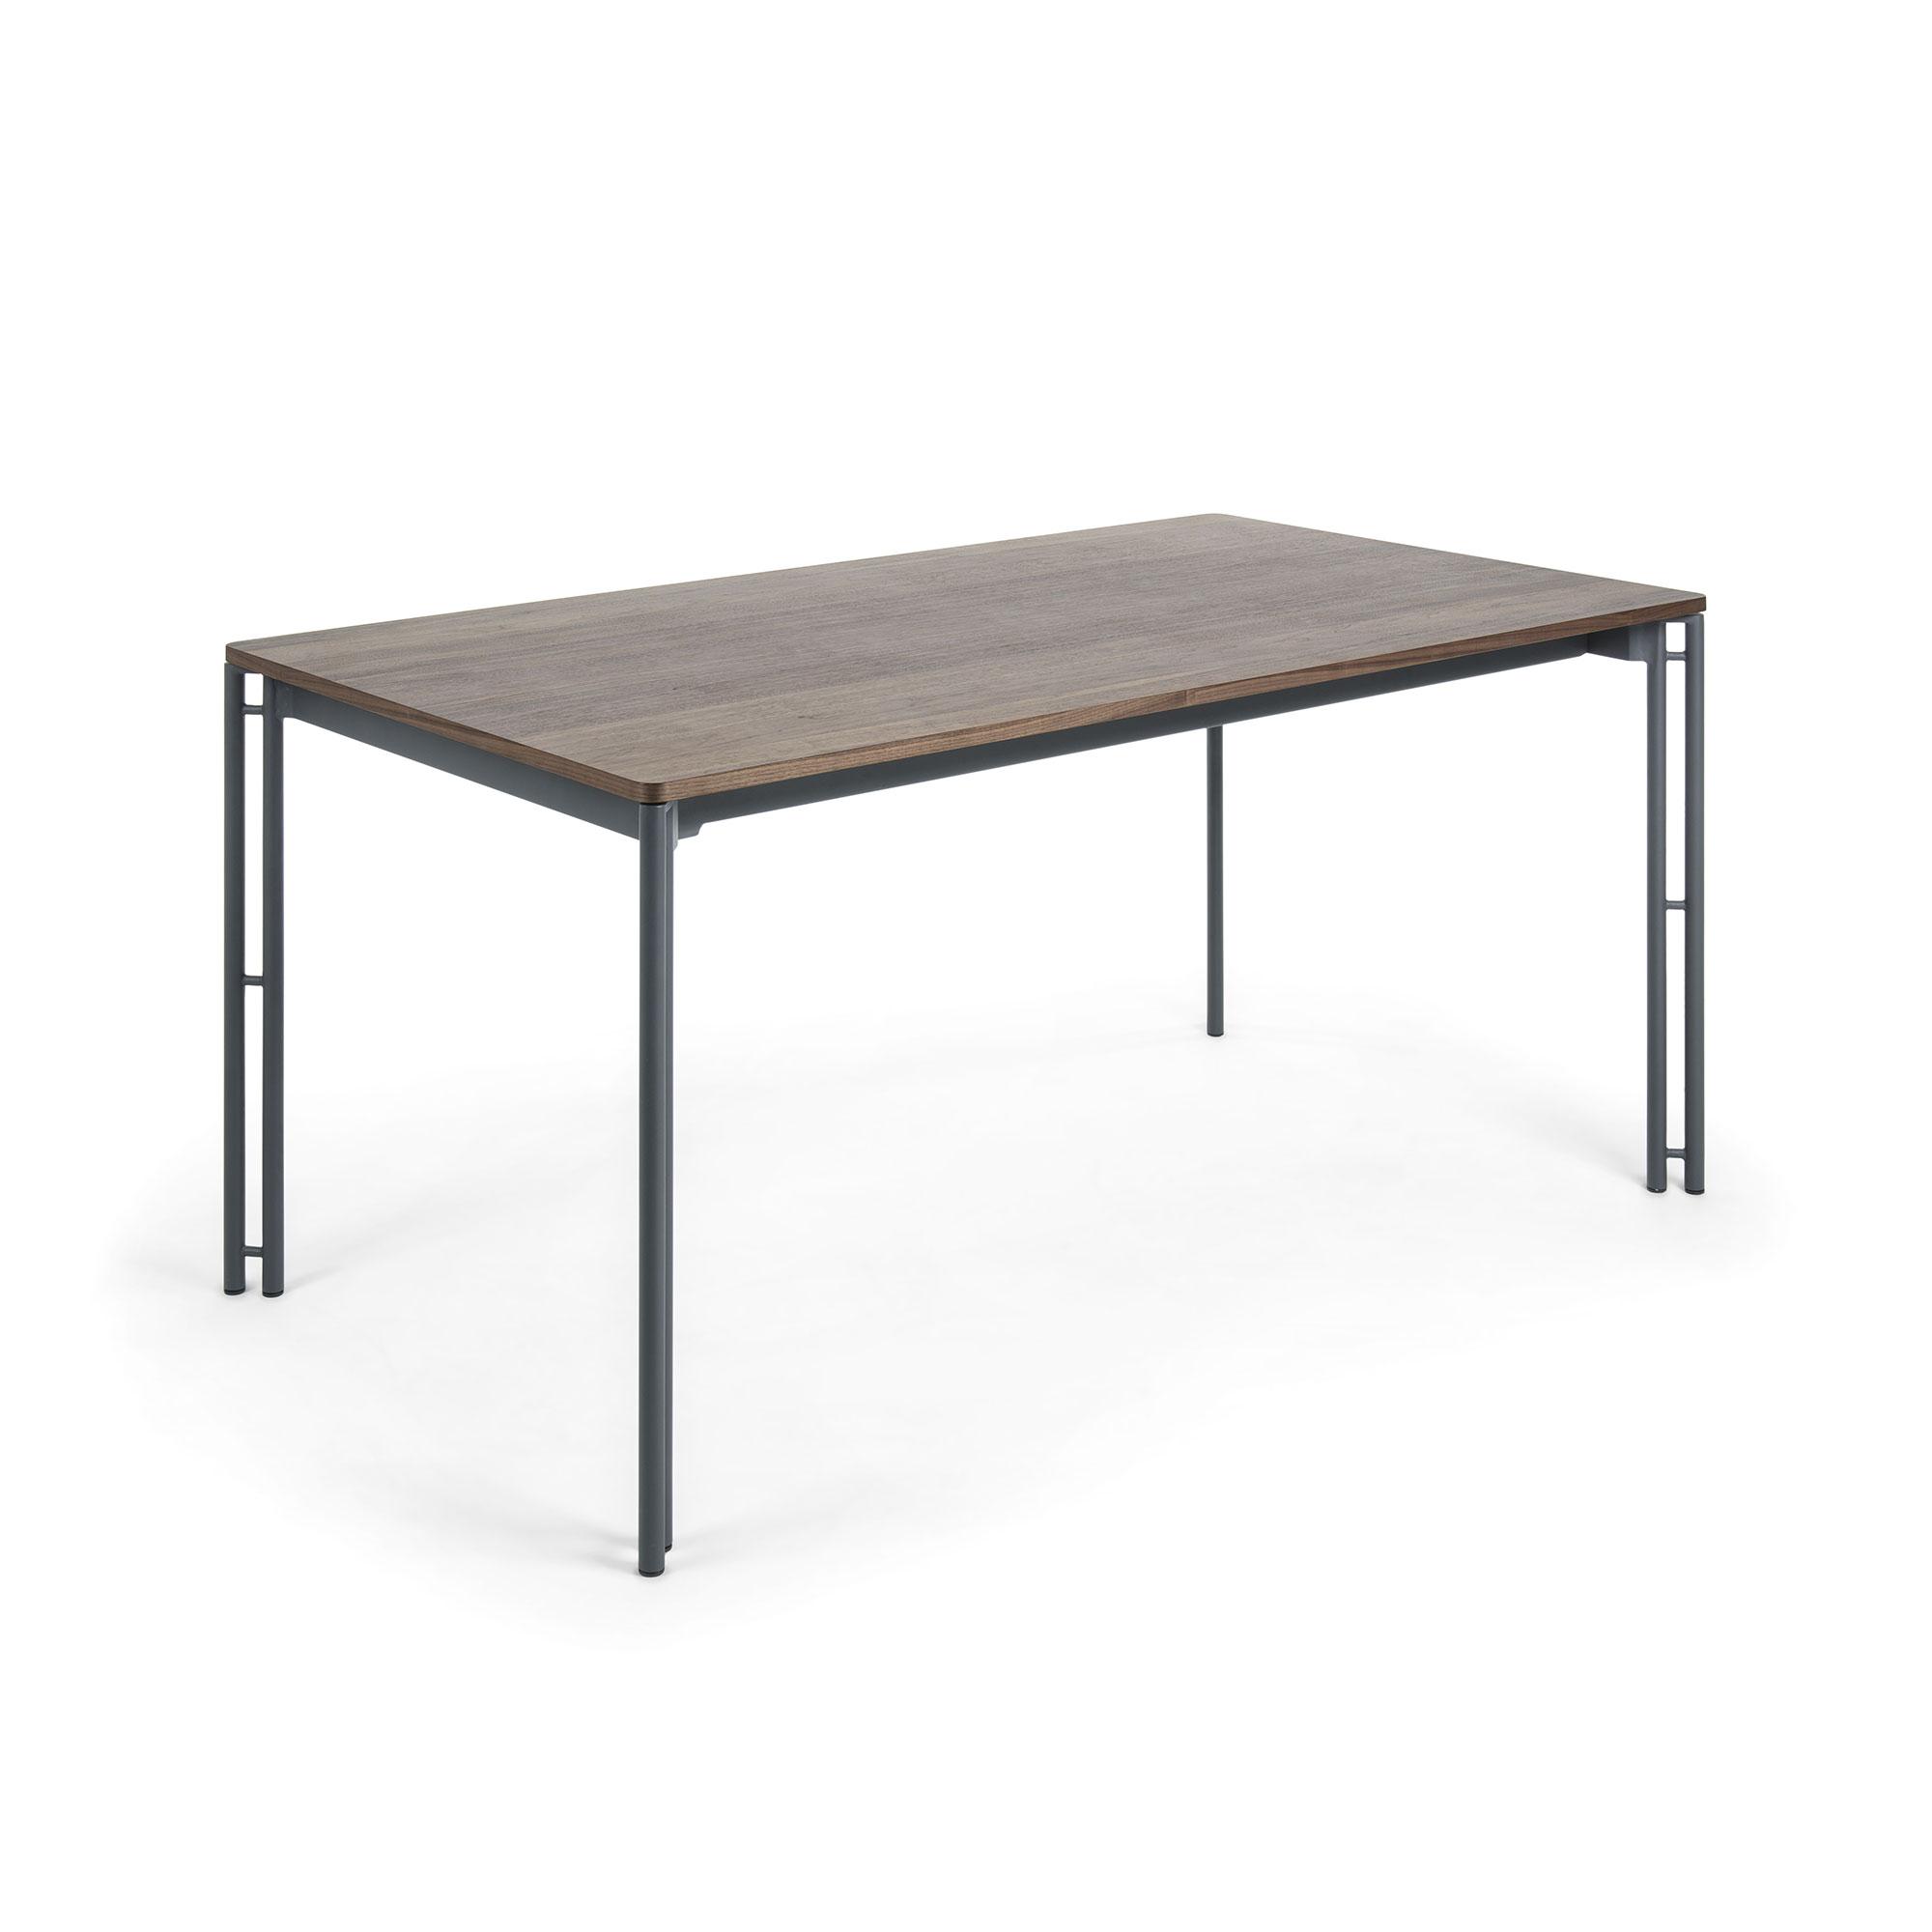 Uitschuifbare Eettafel 140 Cm.Kave Home Uitschuifbare Eettafel Kesia 160 220 X 90cm